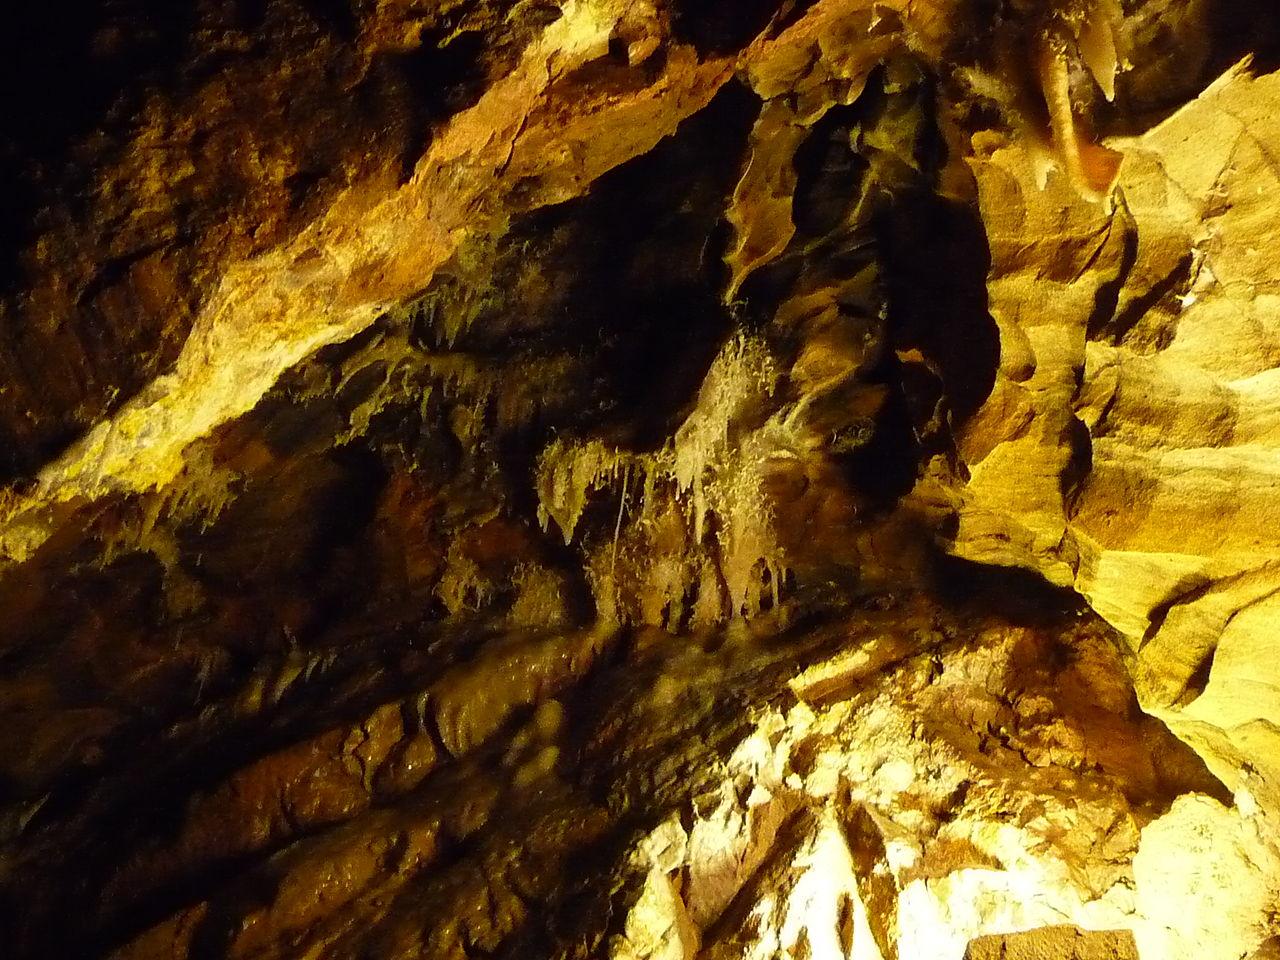 grotte dans la province de Huelva